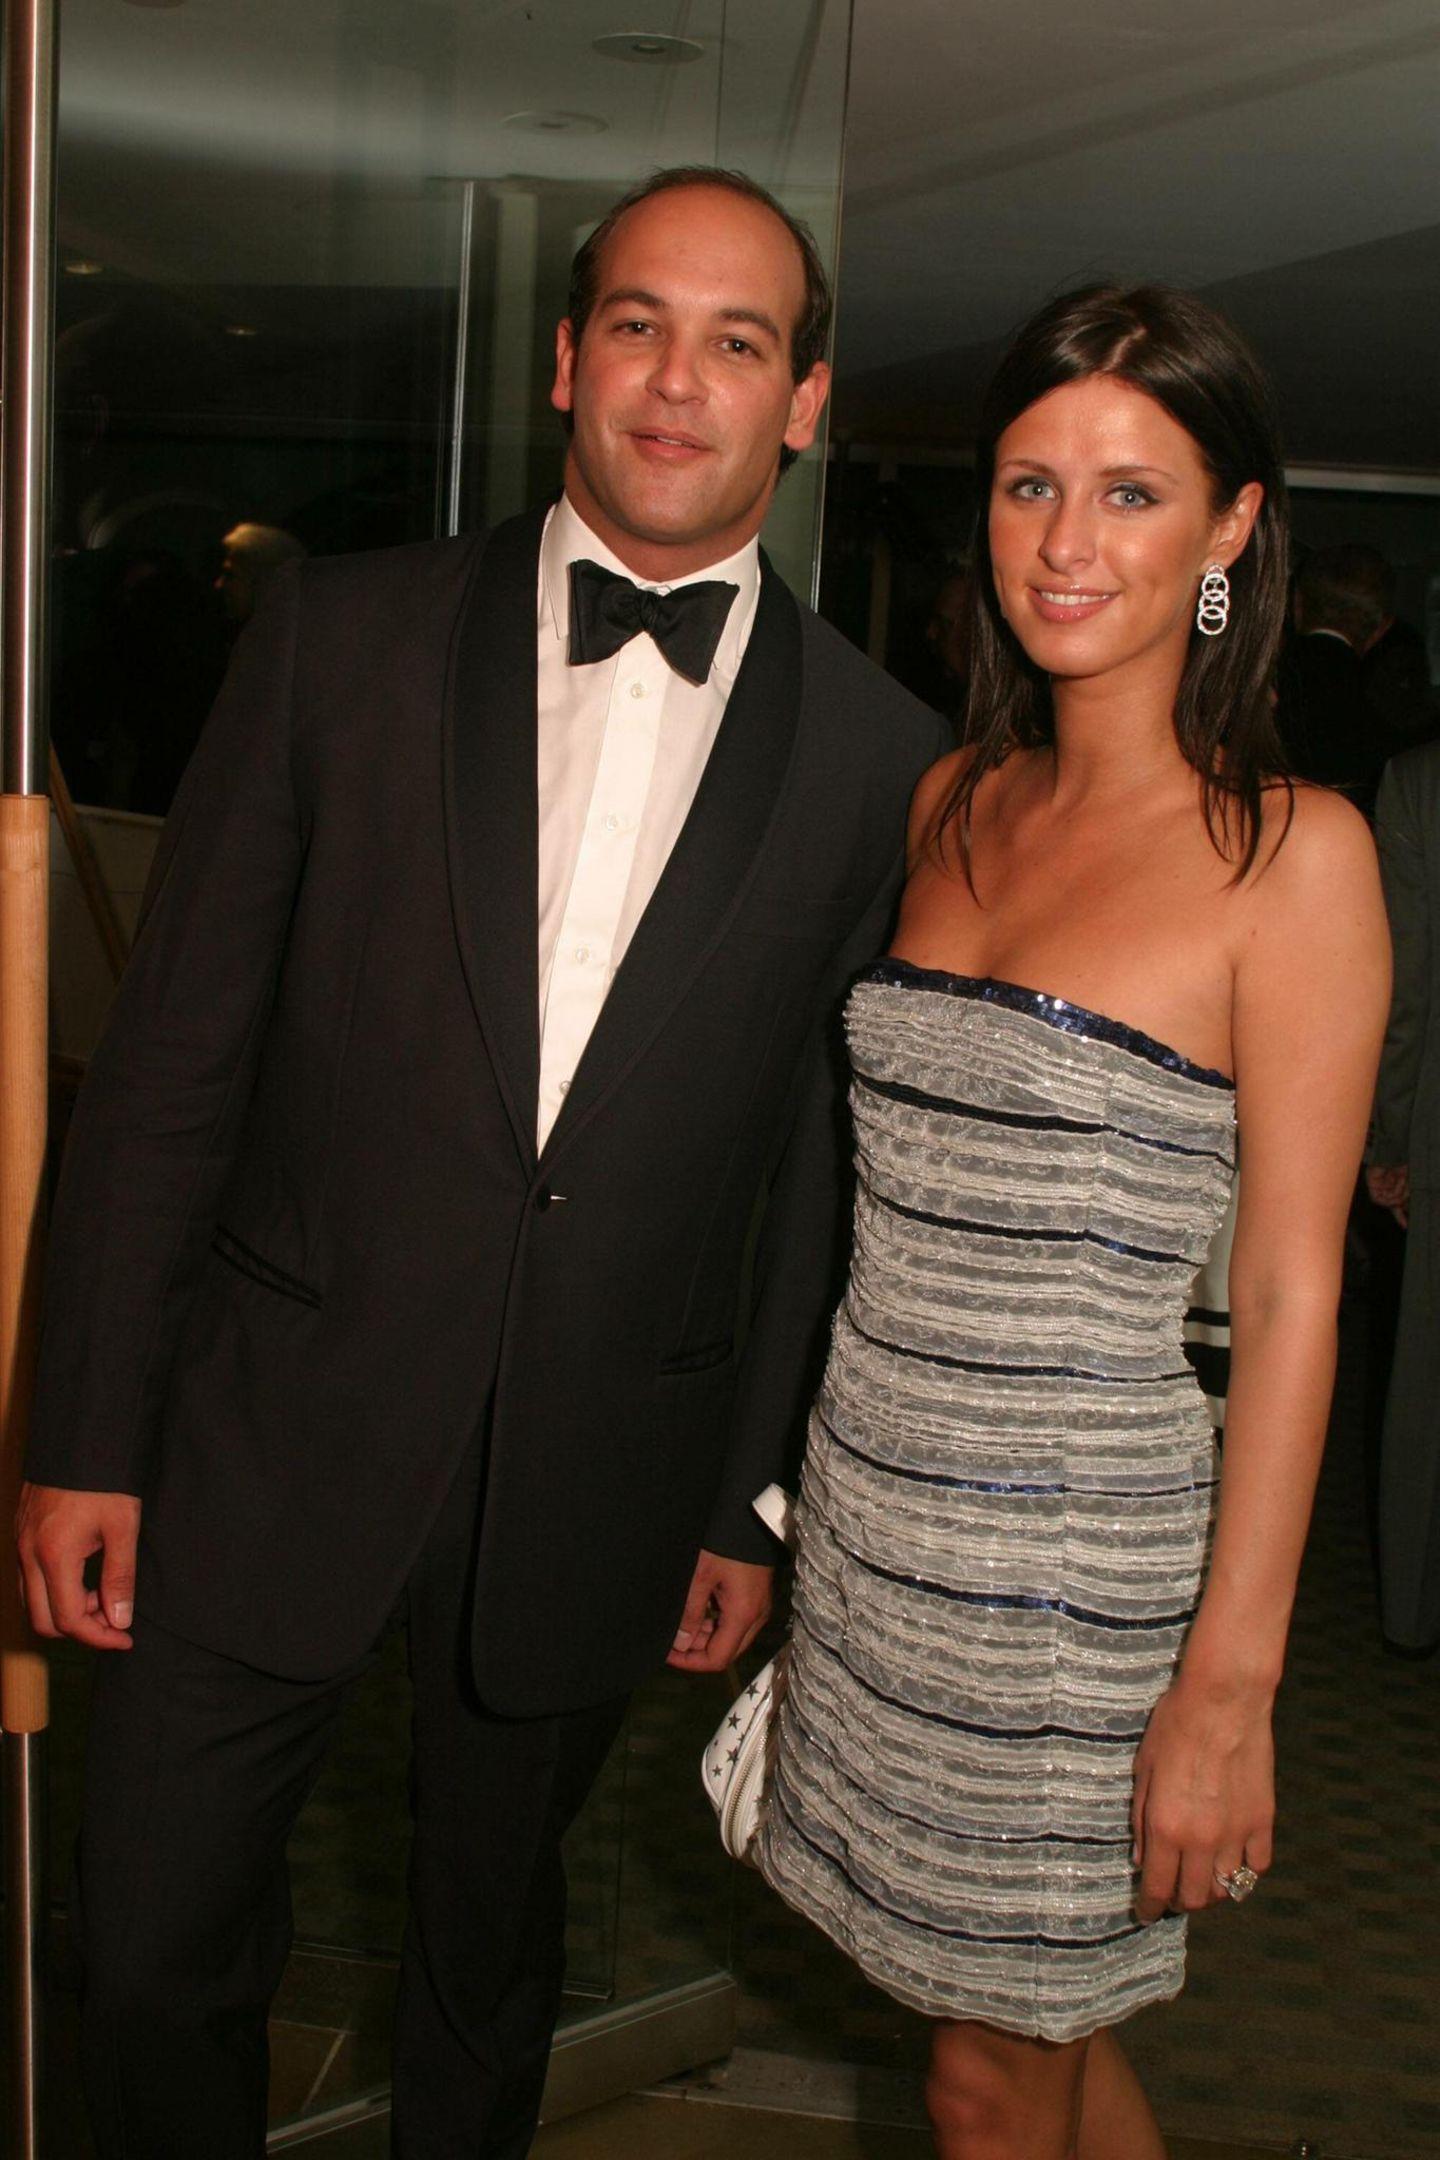 Nicky Hilton + Todd Meister: 2 Monate  2004 tritt Hotelerbin Nicky Hilton mit Geschäftsmann ToddMeisterin Las Vegas vor den Traualtar. Nach zwei Monaten annullieren die beiden ihre Ehe und geben an, die Fernbeziehung sei schuld am Liebes-Aus.